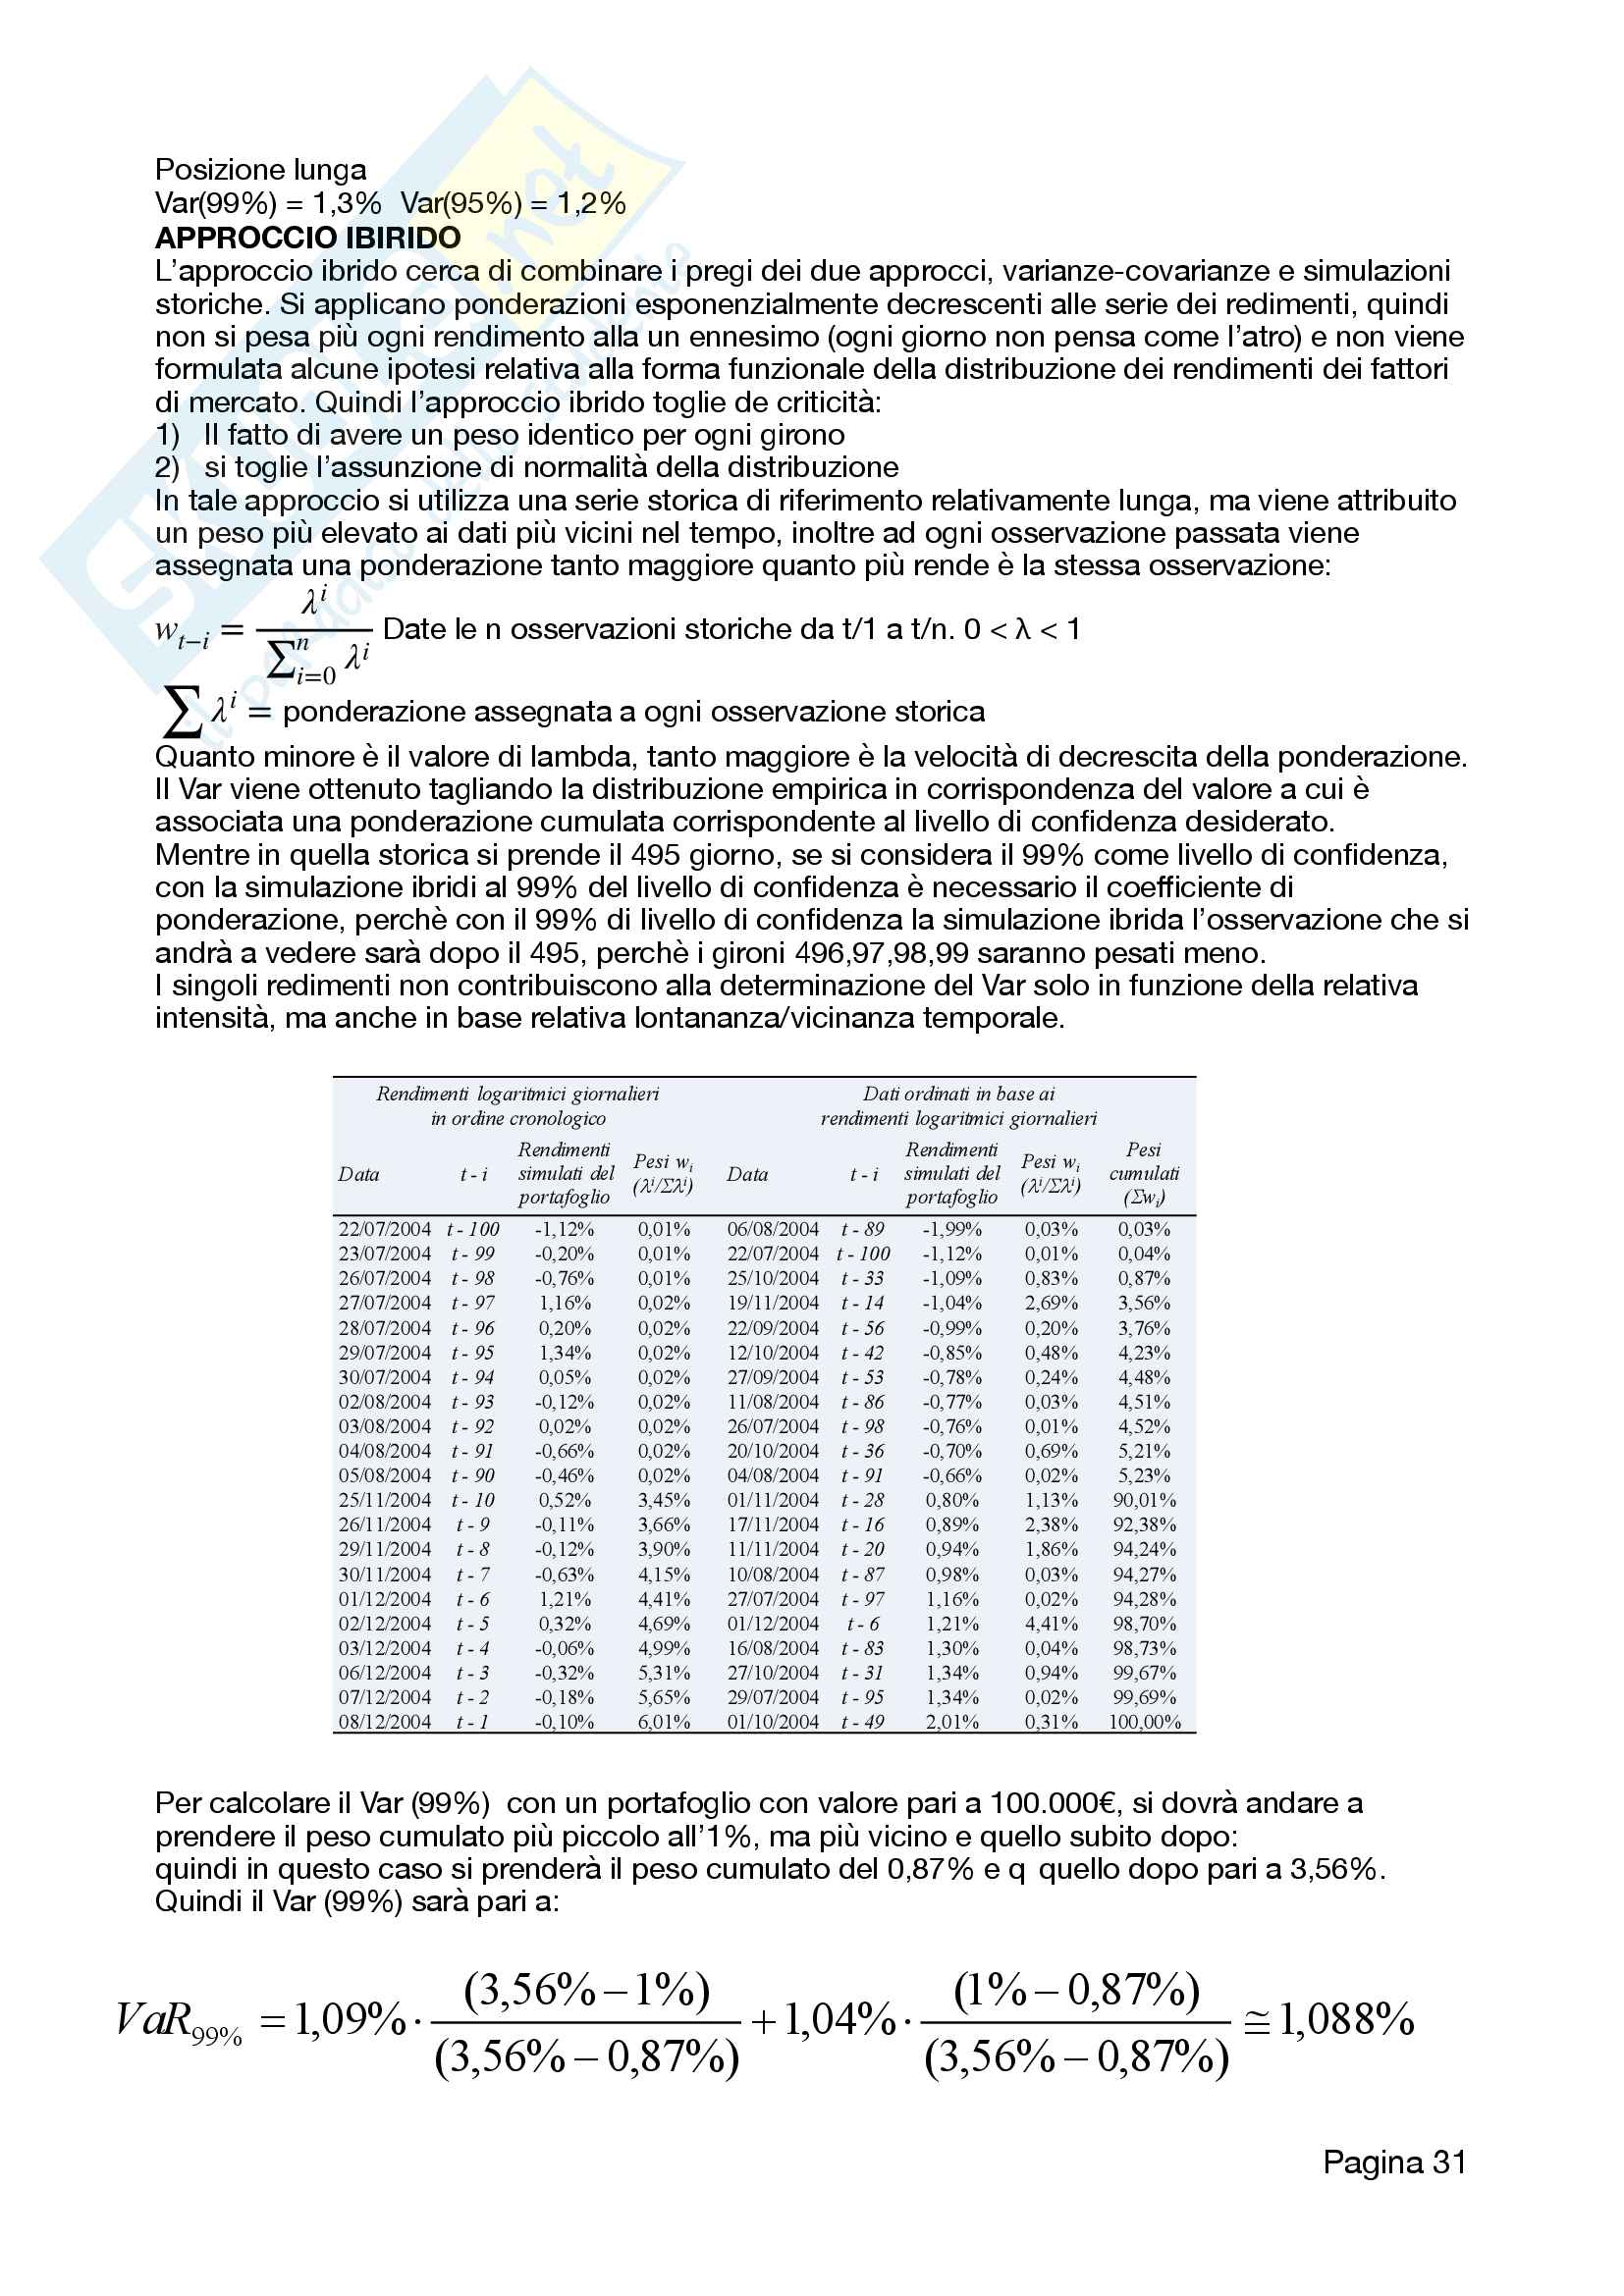 Economia delle aziende di credito - Risk Management Pag. 31